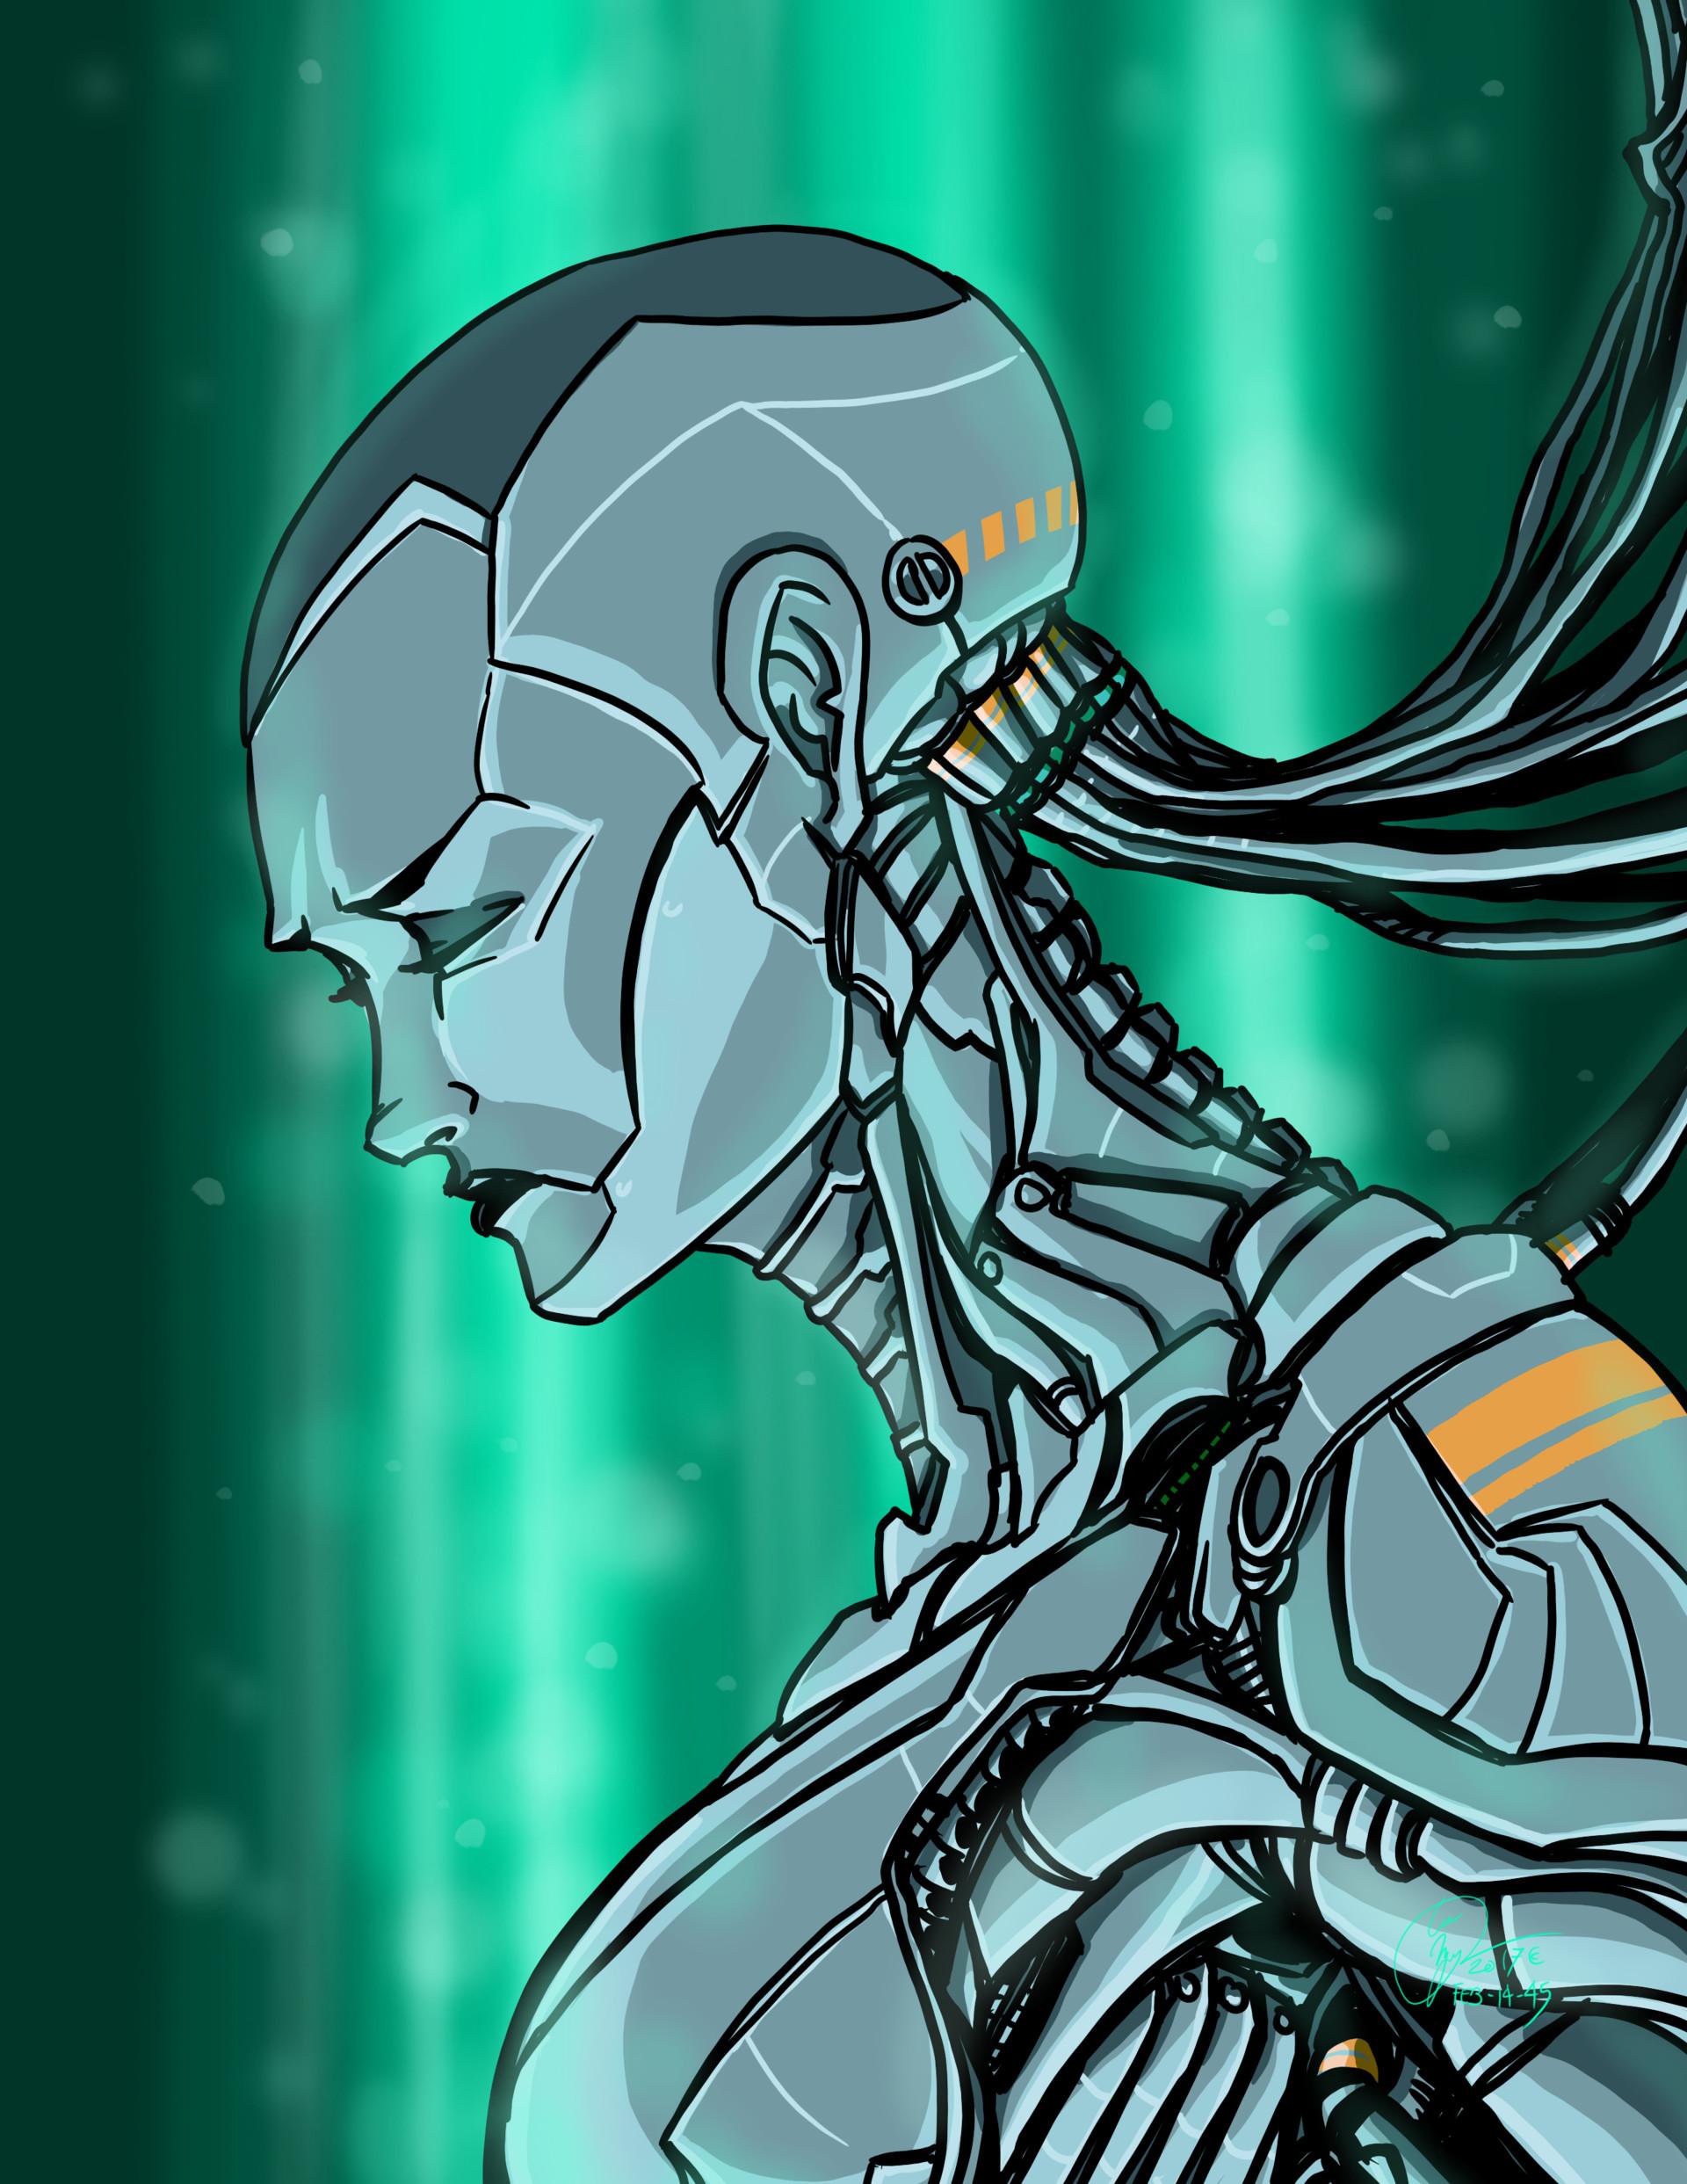 Eve, sci-fi mecha concept